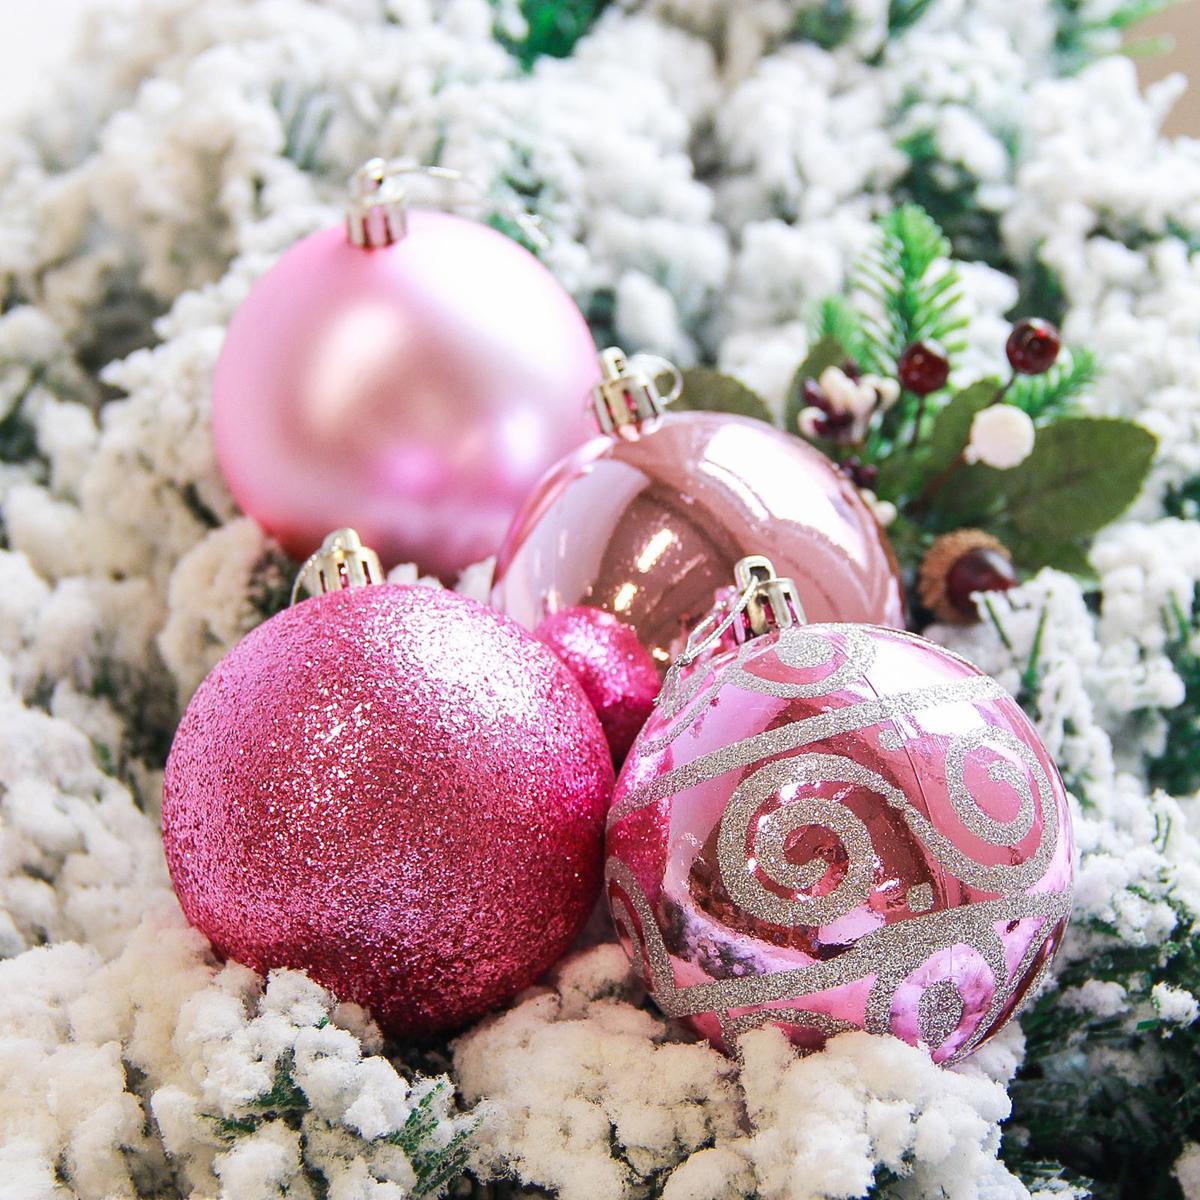 Набор новогодних подвесных украшений Sima-land Узорный, диаметр 8 см, 6 шт2178286Набор новогодних подвесных украшений Sima-land отлично подойдет для декорации вашего дома и новогодней ели. С помощью специальной петельки украшение можно повесить в любом понравившемся вам месте. Но, конечно, удачнее всего оно будет смотреться на праздничной елке. Елочная игрушка - символ Нового года. Она несет в себе волшебство и красоту праздника. Создайте в своем доме атмосферу веселья и радости, украшая новогоднюю елку нарядными игрушками, которые будут из года в год накапливать теплоту воспоминаний.